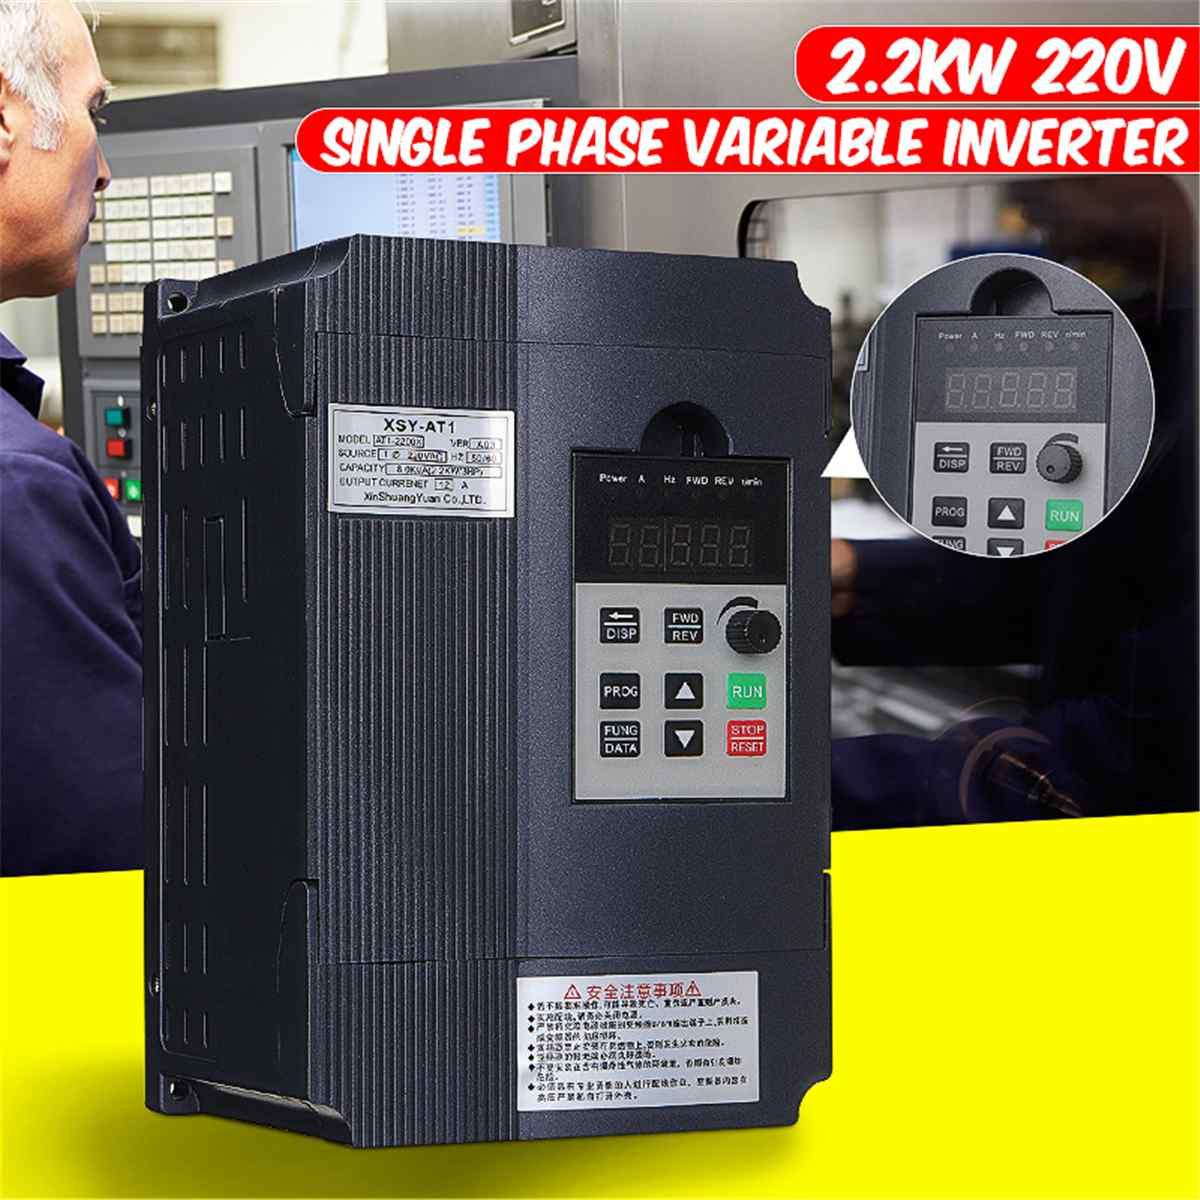 2200 W 2.2KW 220 V 3PH monophasé Variable fréquence moteur régulateur de vitesse convertisseur inverseur VFD lecteur onduleur-International